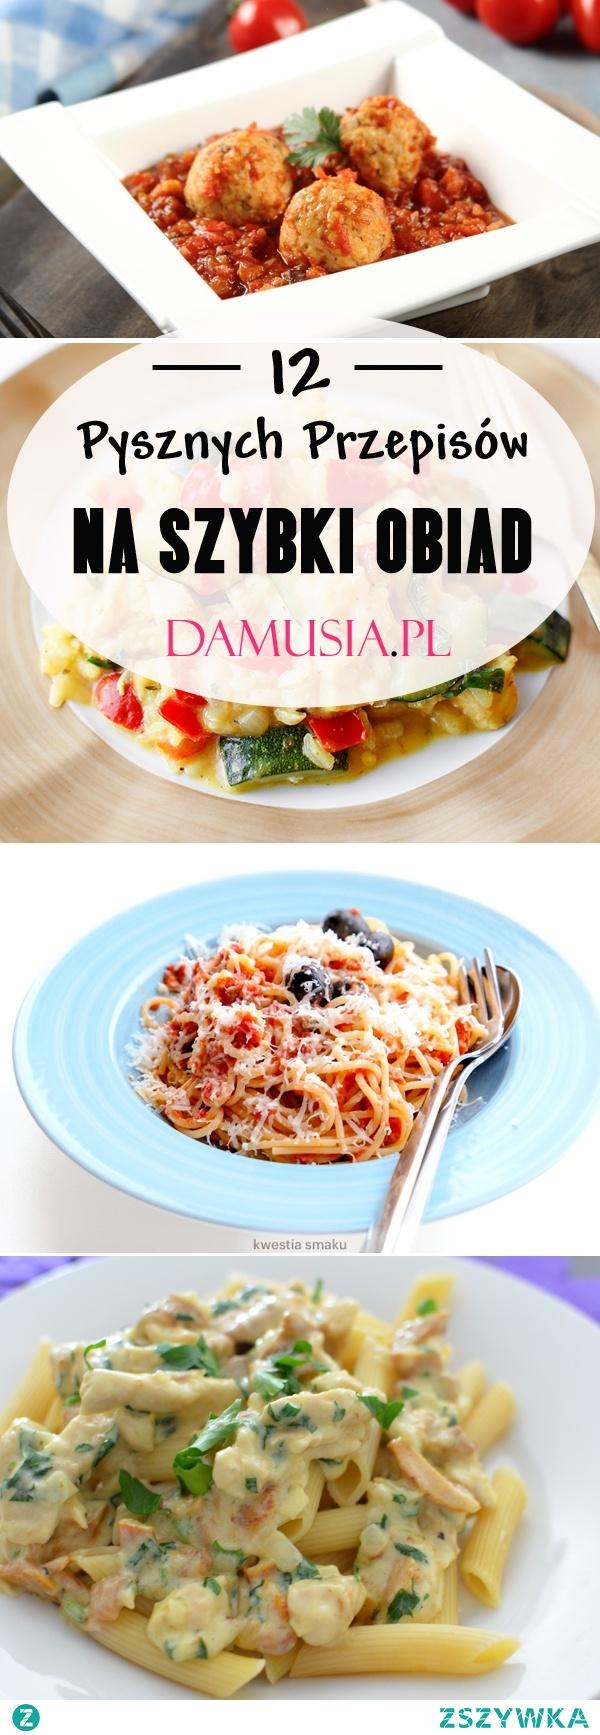 12 Pysznych Przepisów na Szybki Obiad